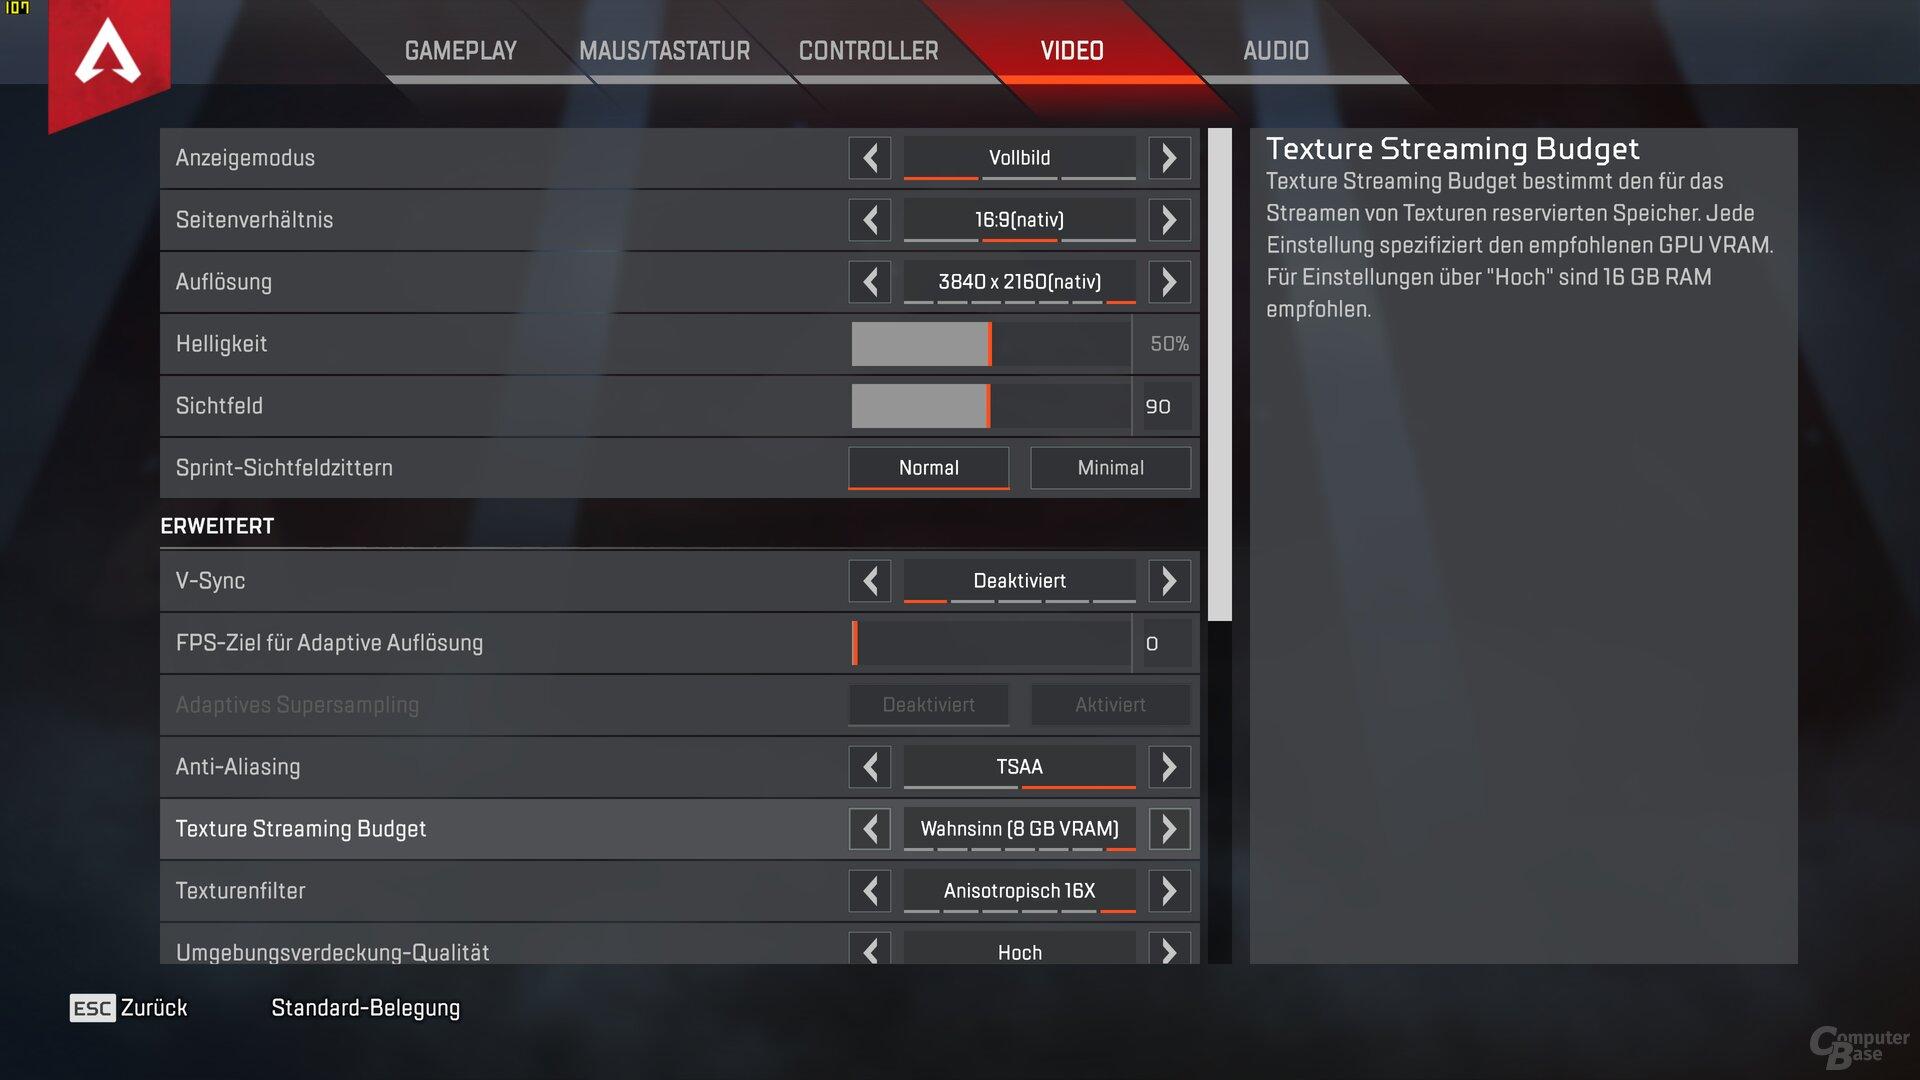 Das Texture Streaming Budget wird an die eigene GPU angepasst